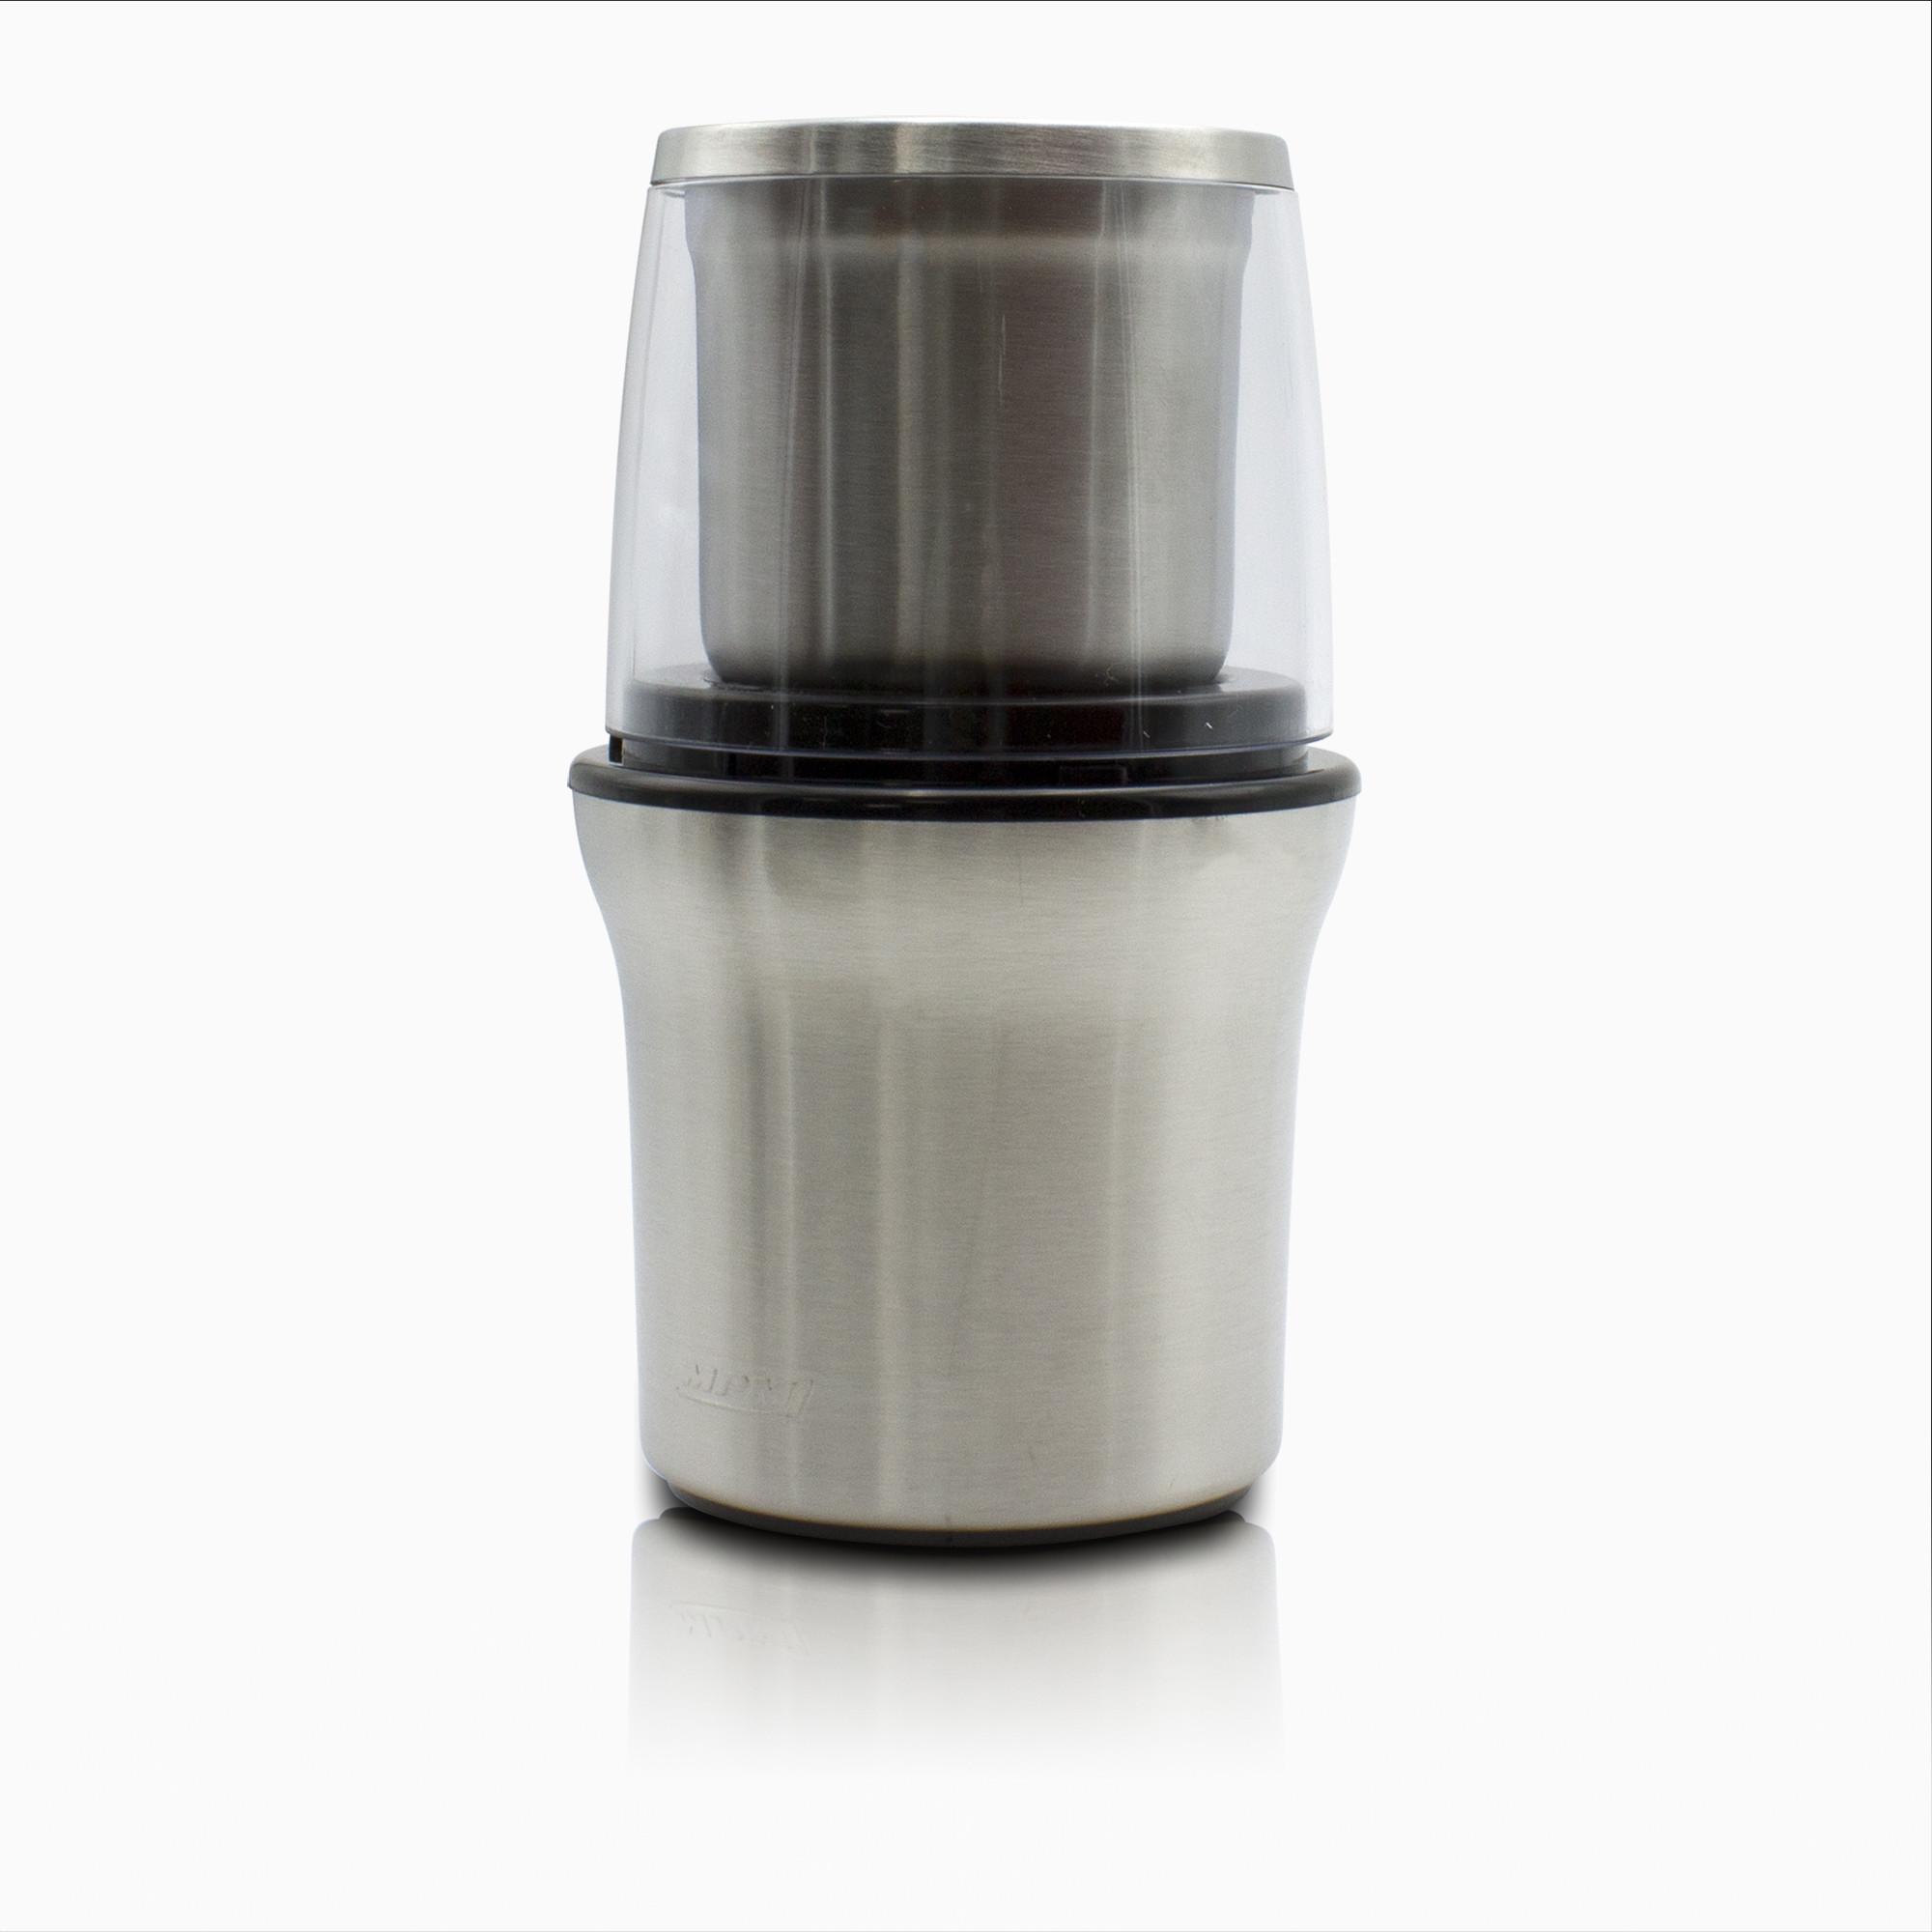 MPM MMK-06M Molinillo Café eléctrico pequeño + picadora multiusos, semillas especias y frutos secos, acero inox, 200W